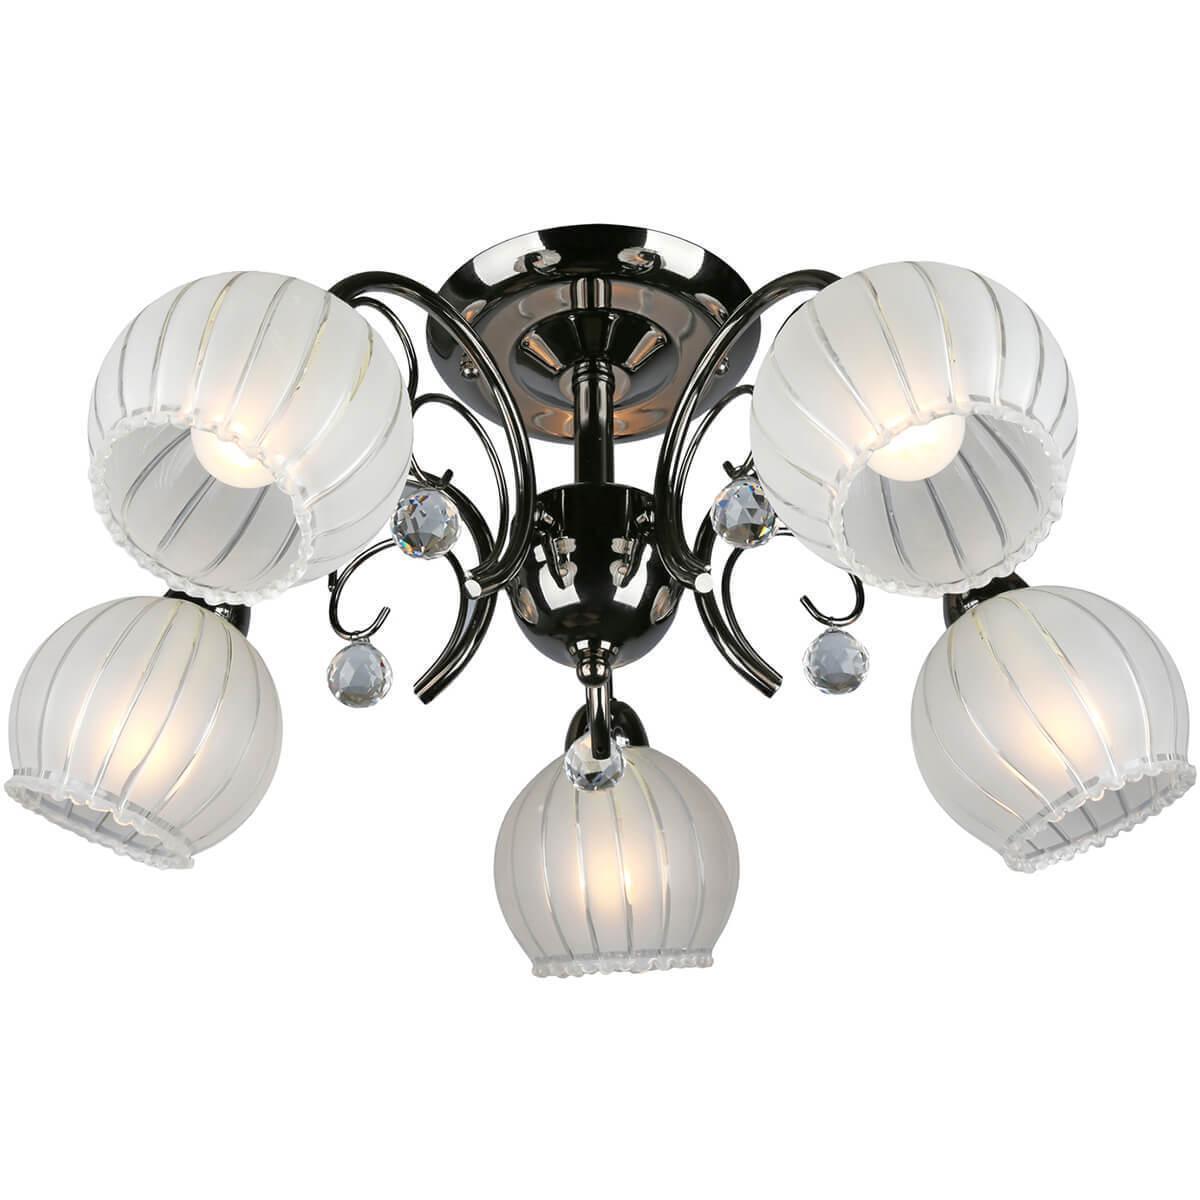 Потолочный светильник Omnilux OML-31807-05, E14, 60 Вт